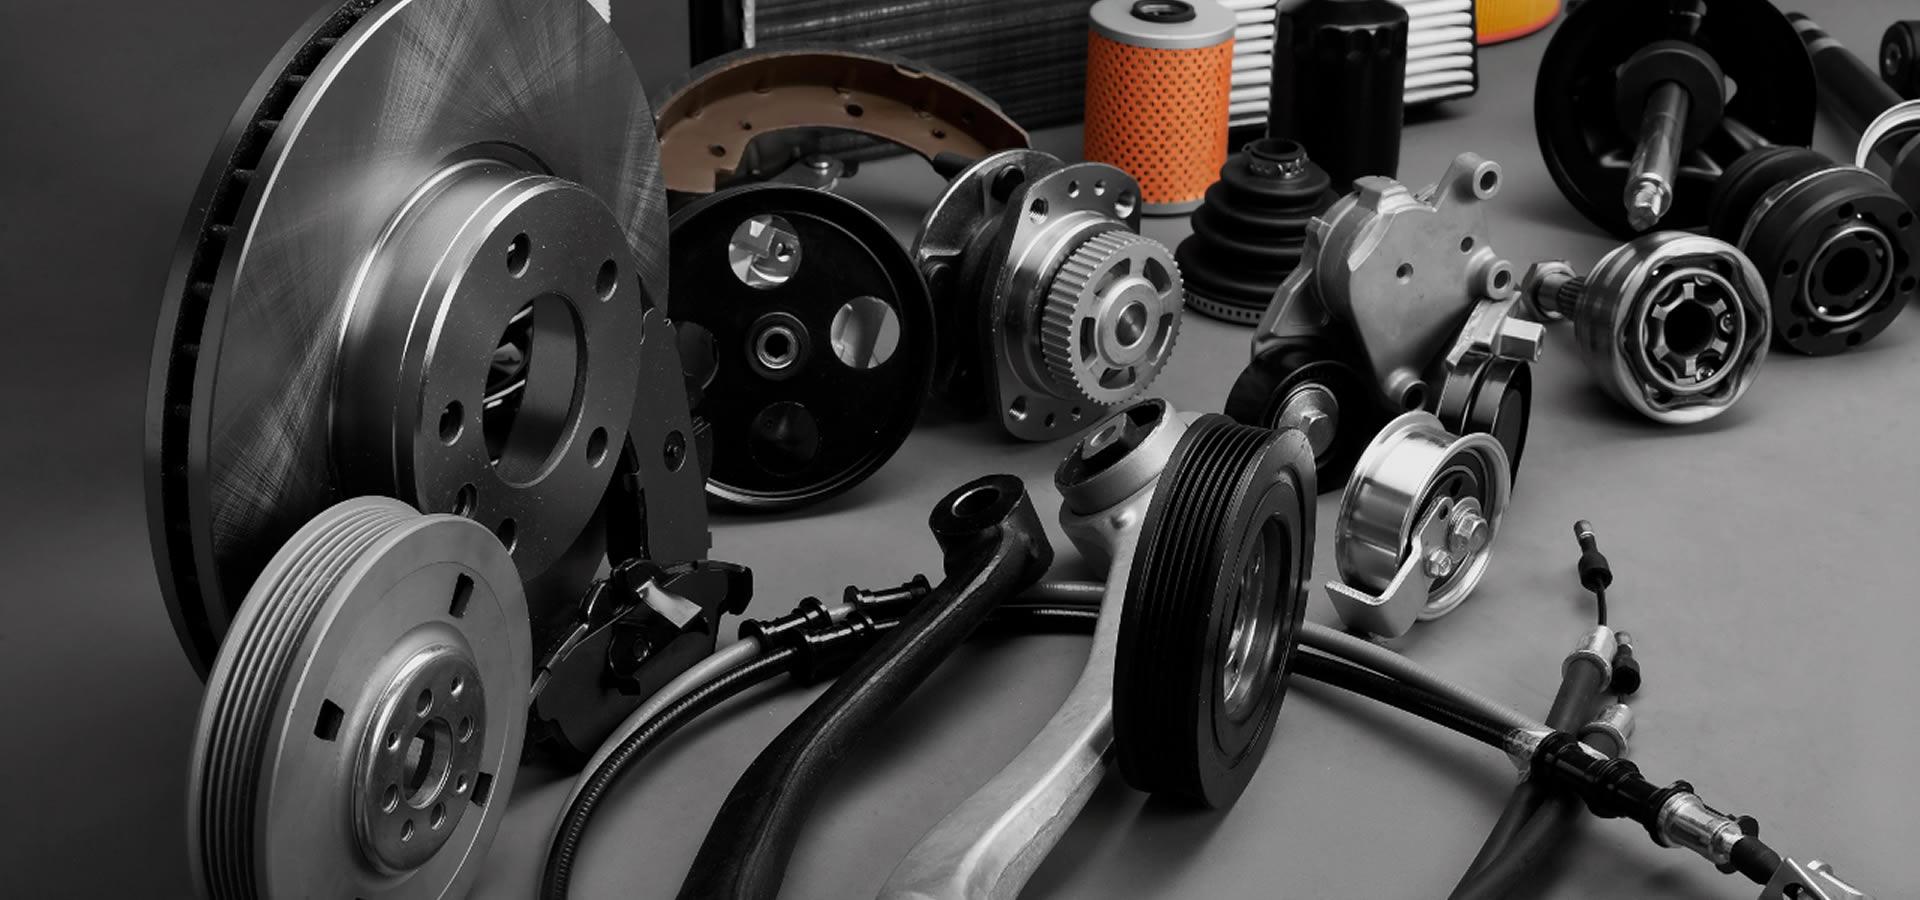 taller infante – servicio tecnico chrysler, dodge y jeep